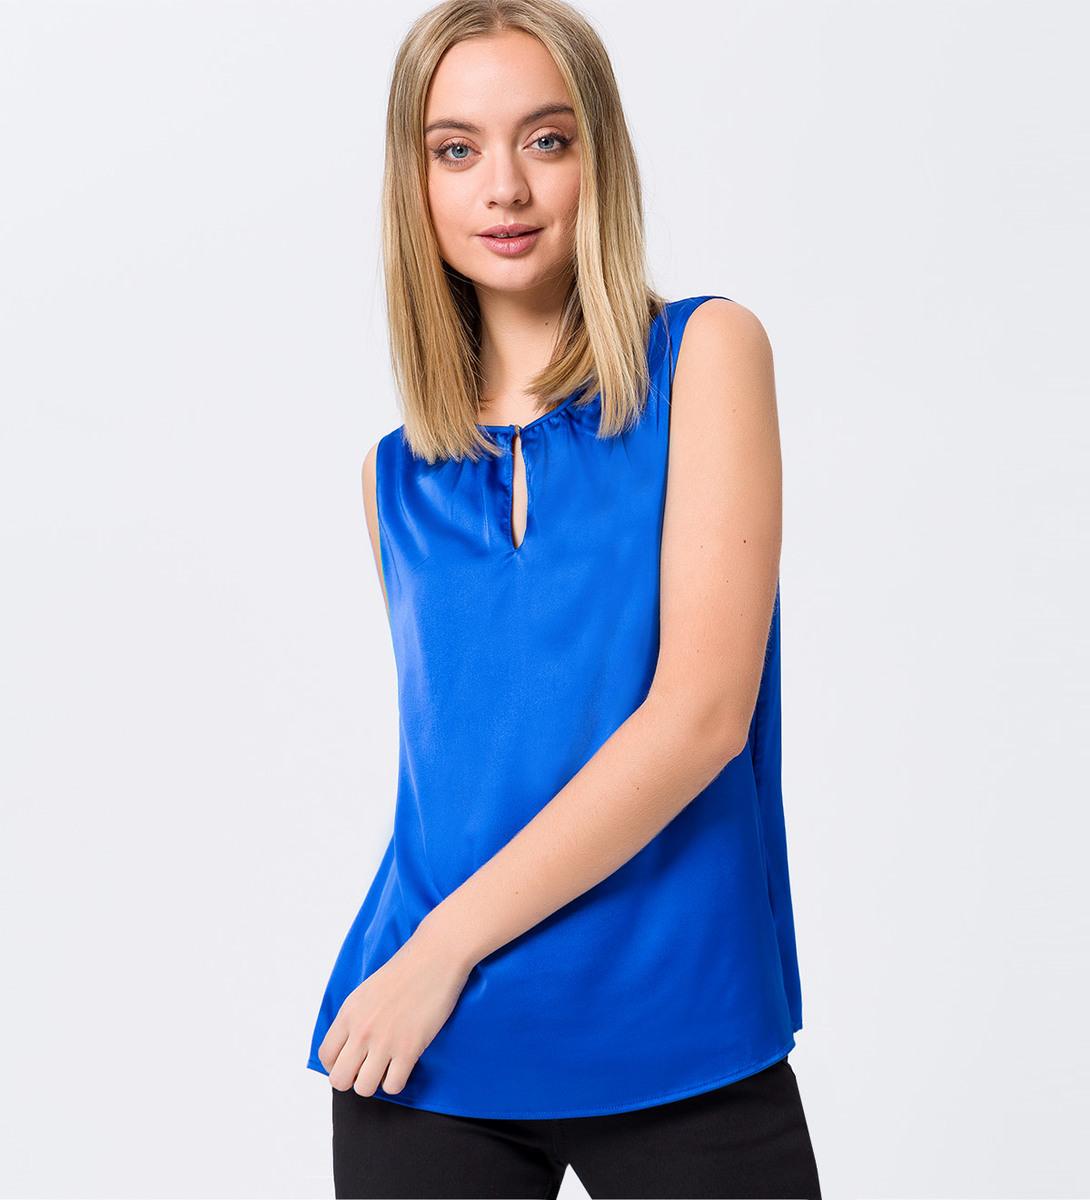 Bluse mit Schlüsselloch-Ausschnitt in cobalt blue